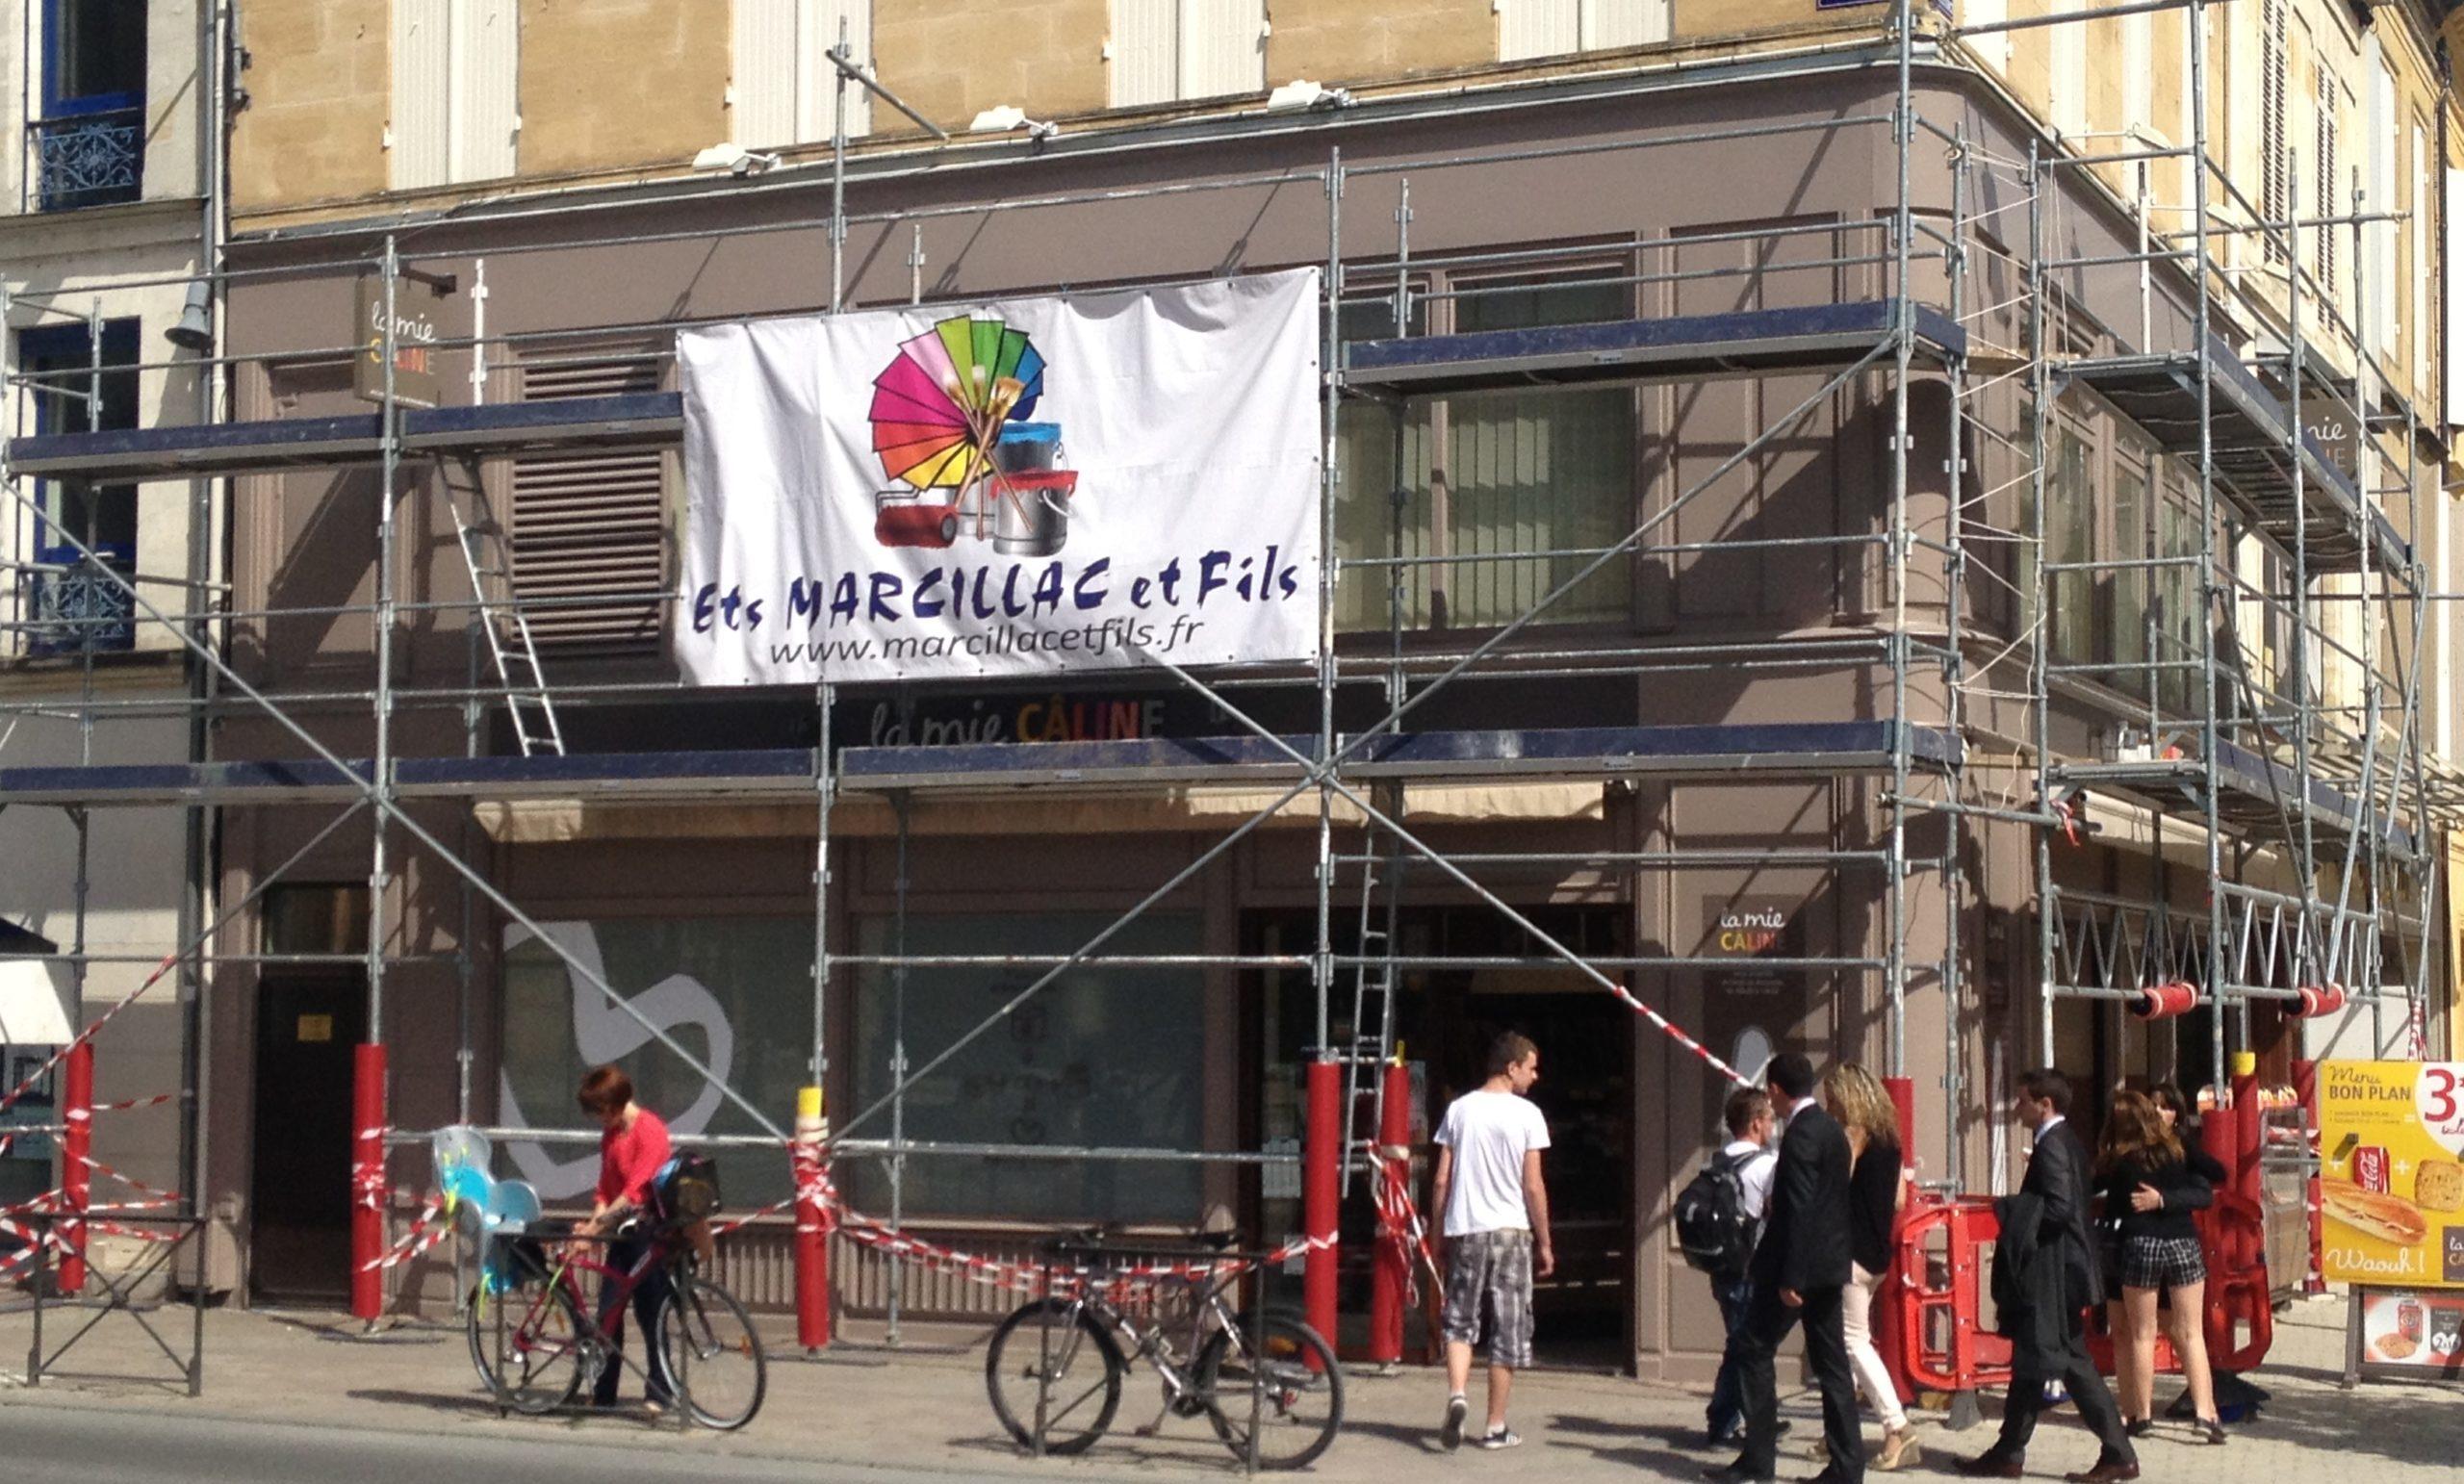 Rénovation extrérieure de la boulangerie La mie caline à Bergerac par la SARL Marcillac et Fils